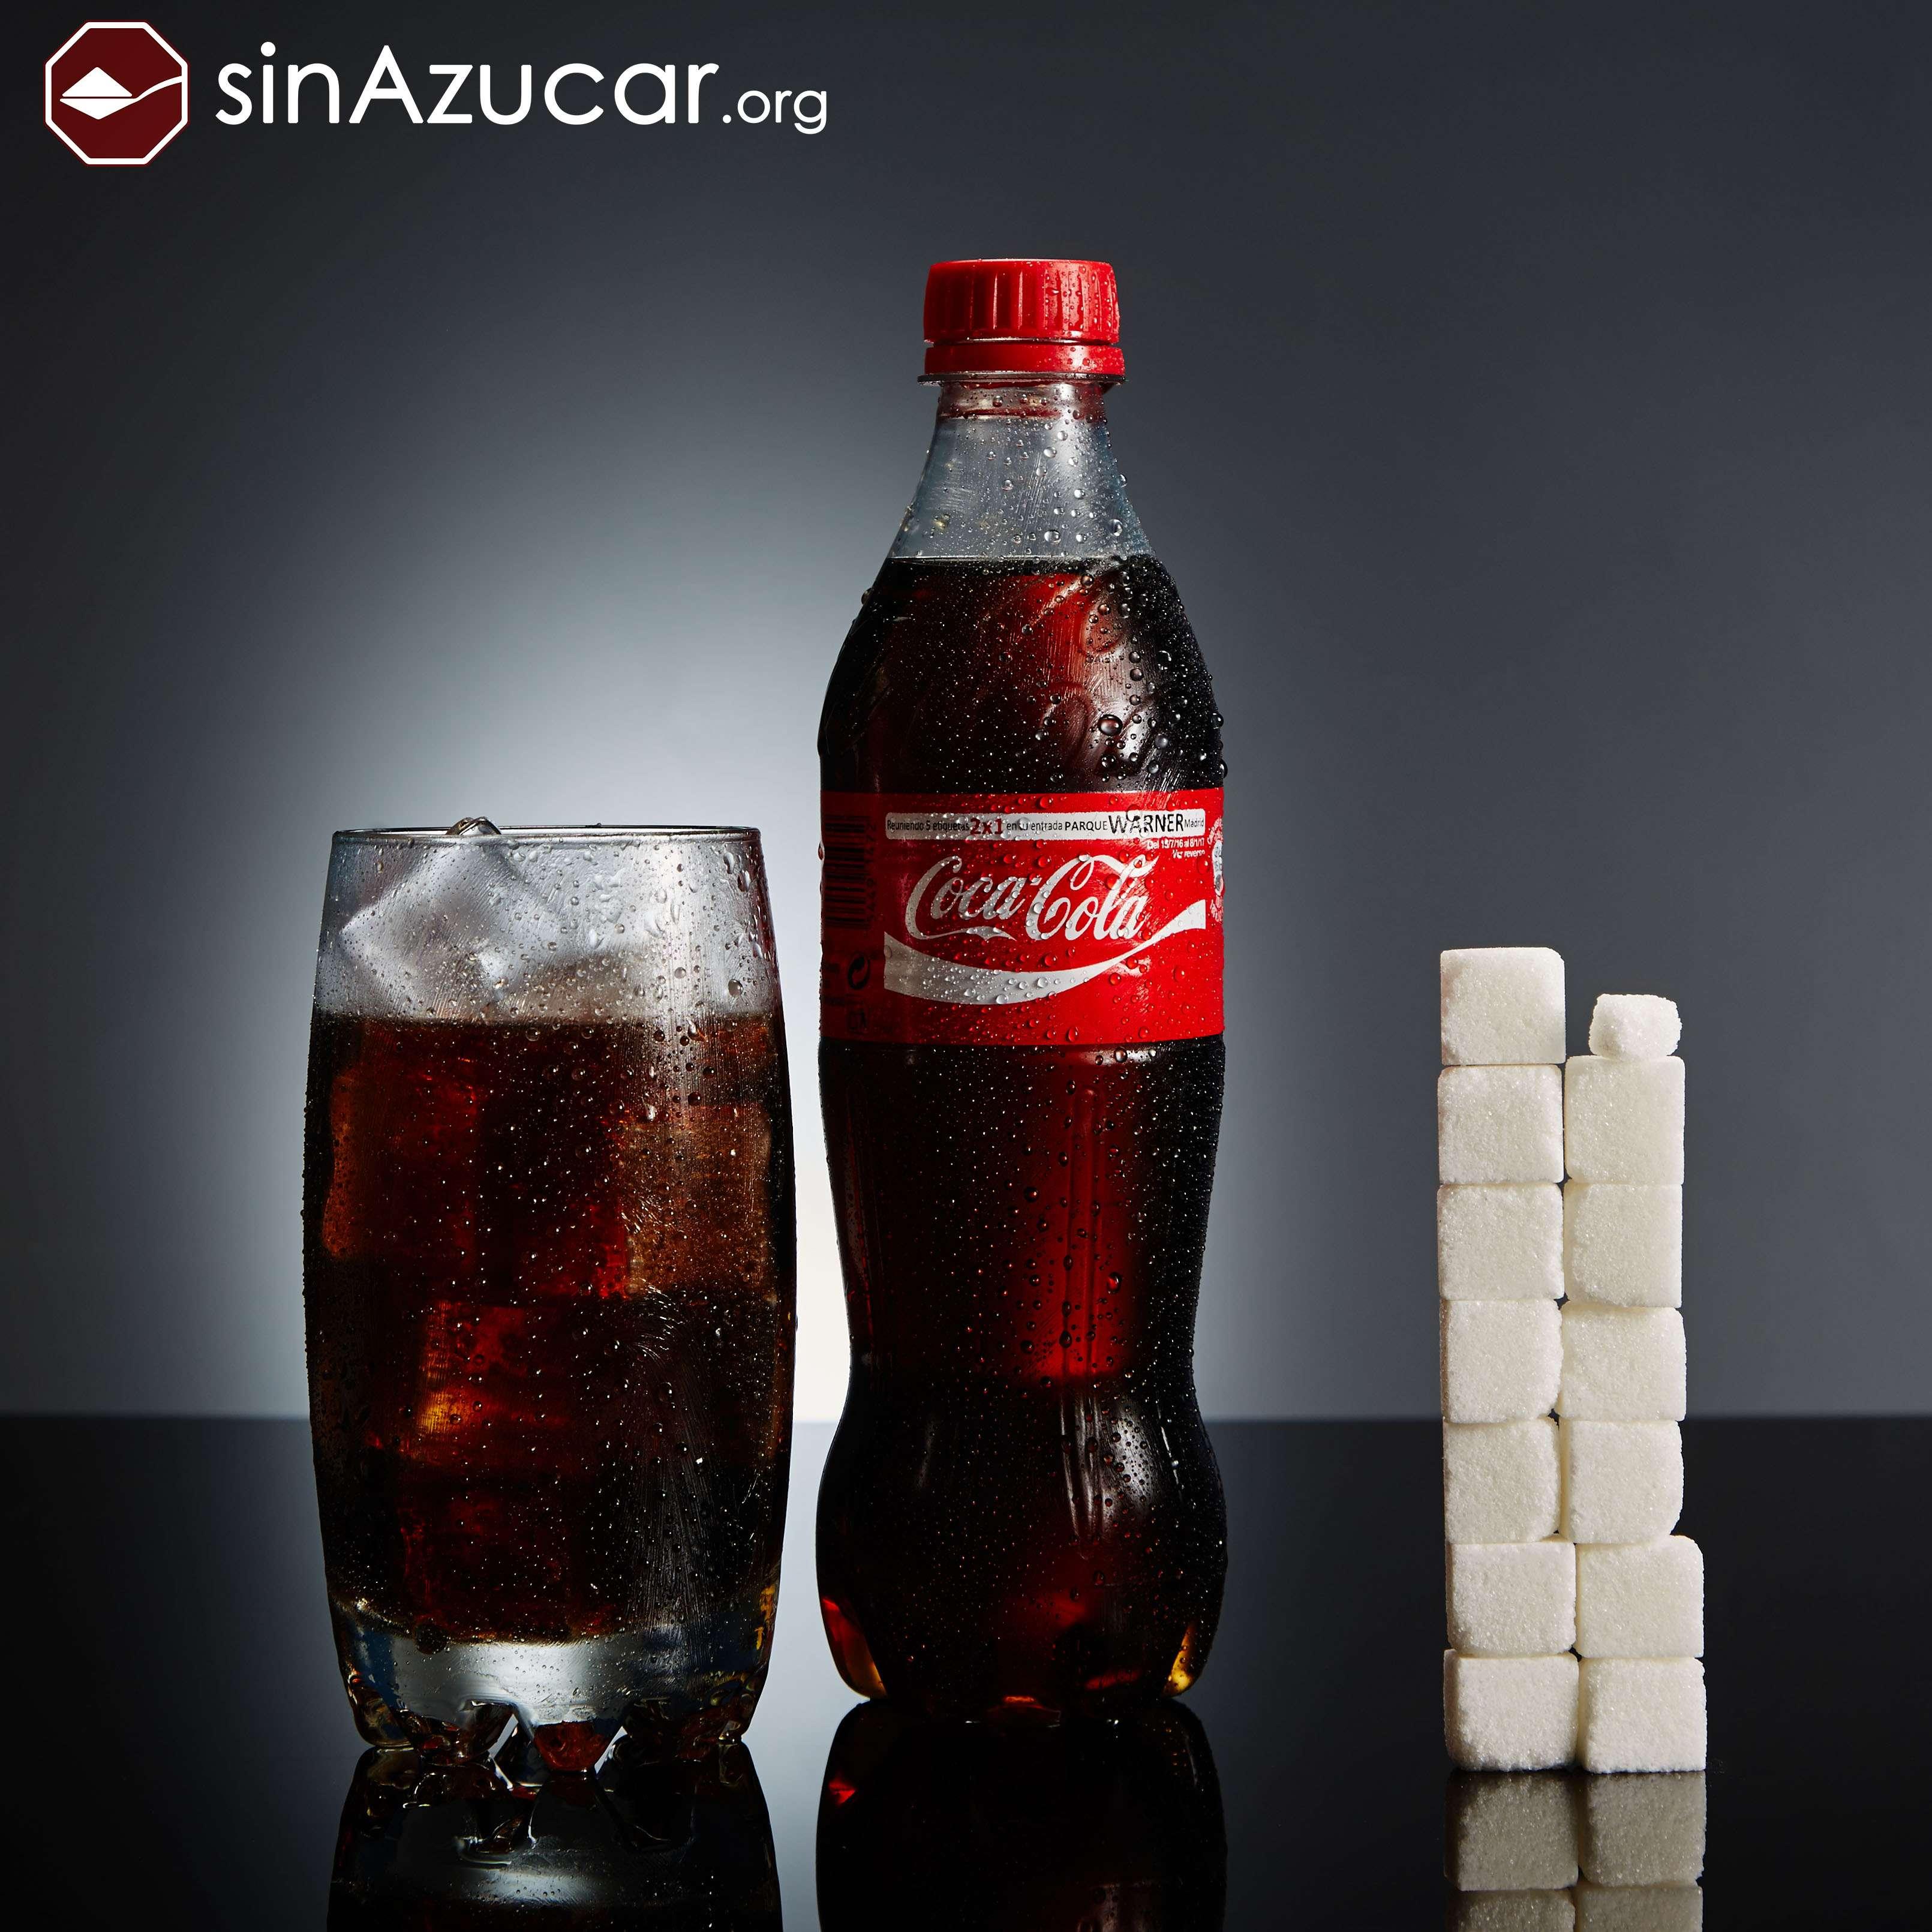 coca-cola-alimentación-infa